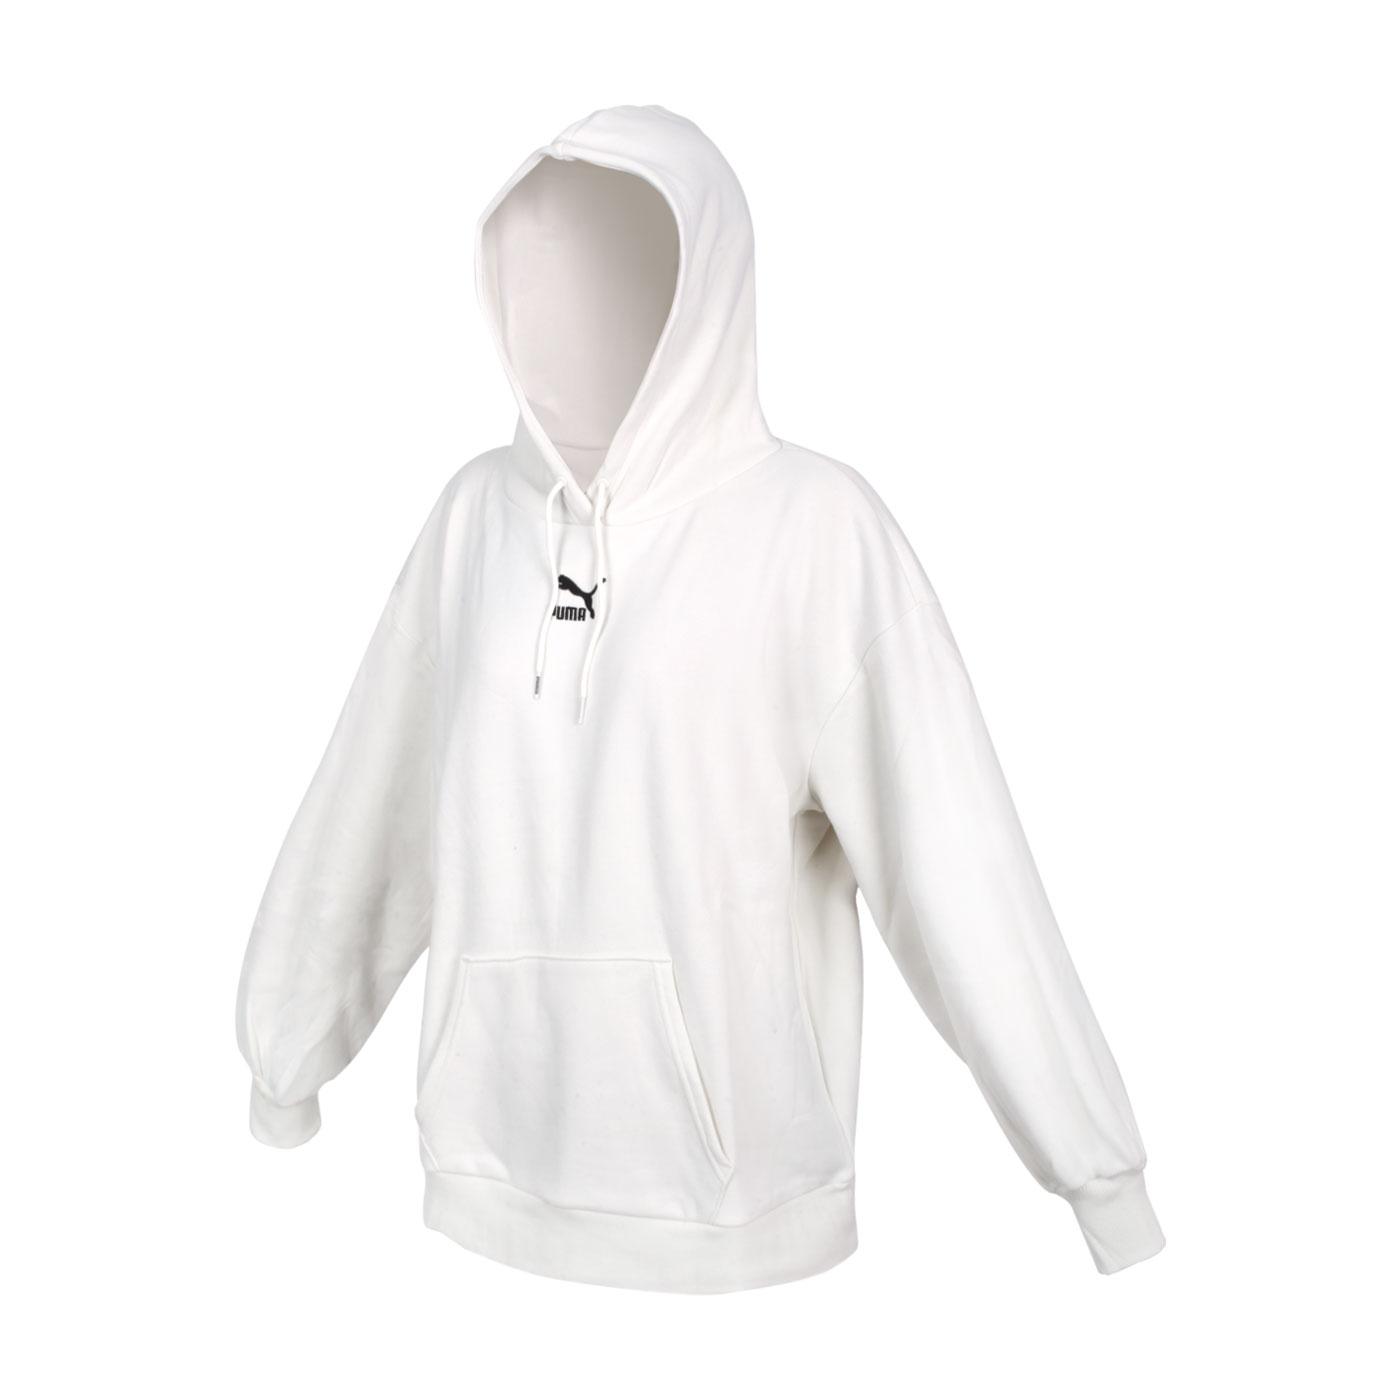 PUMA 女款寬版長厚連帽T恤 53028005 - 米白黑